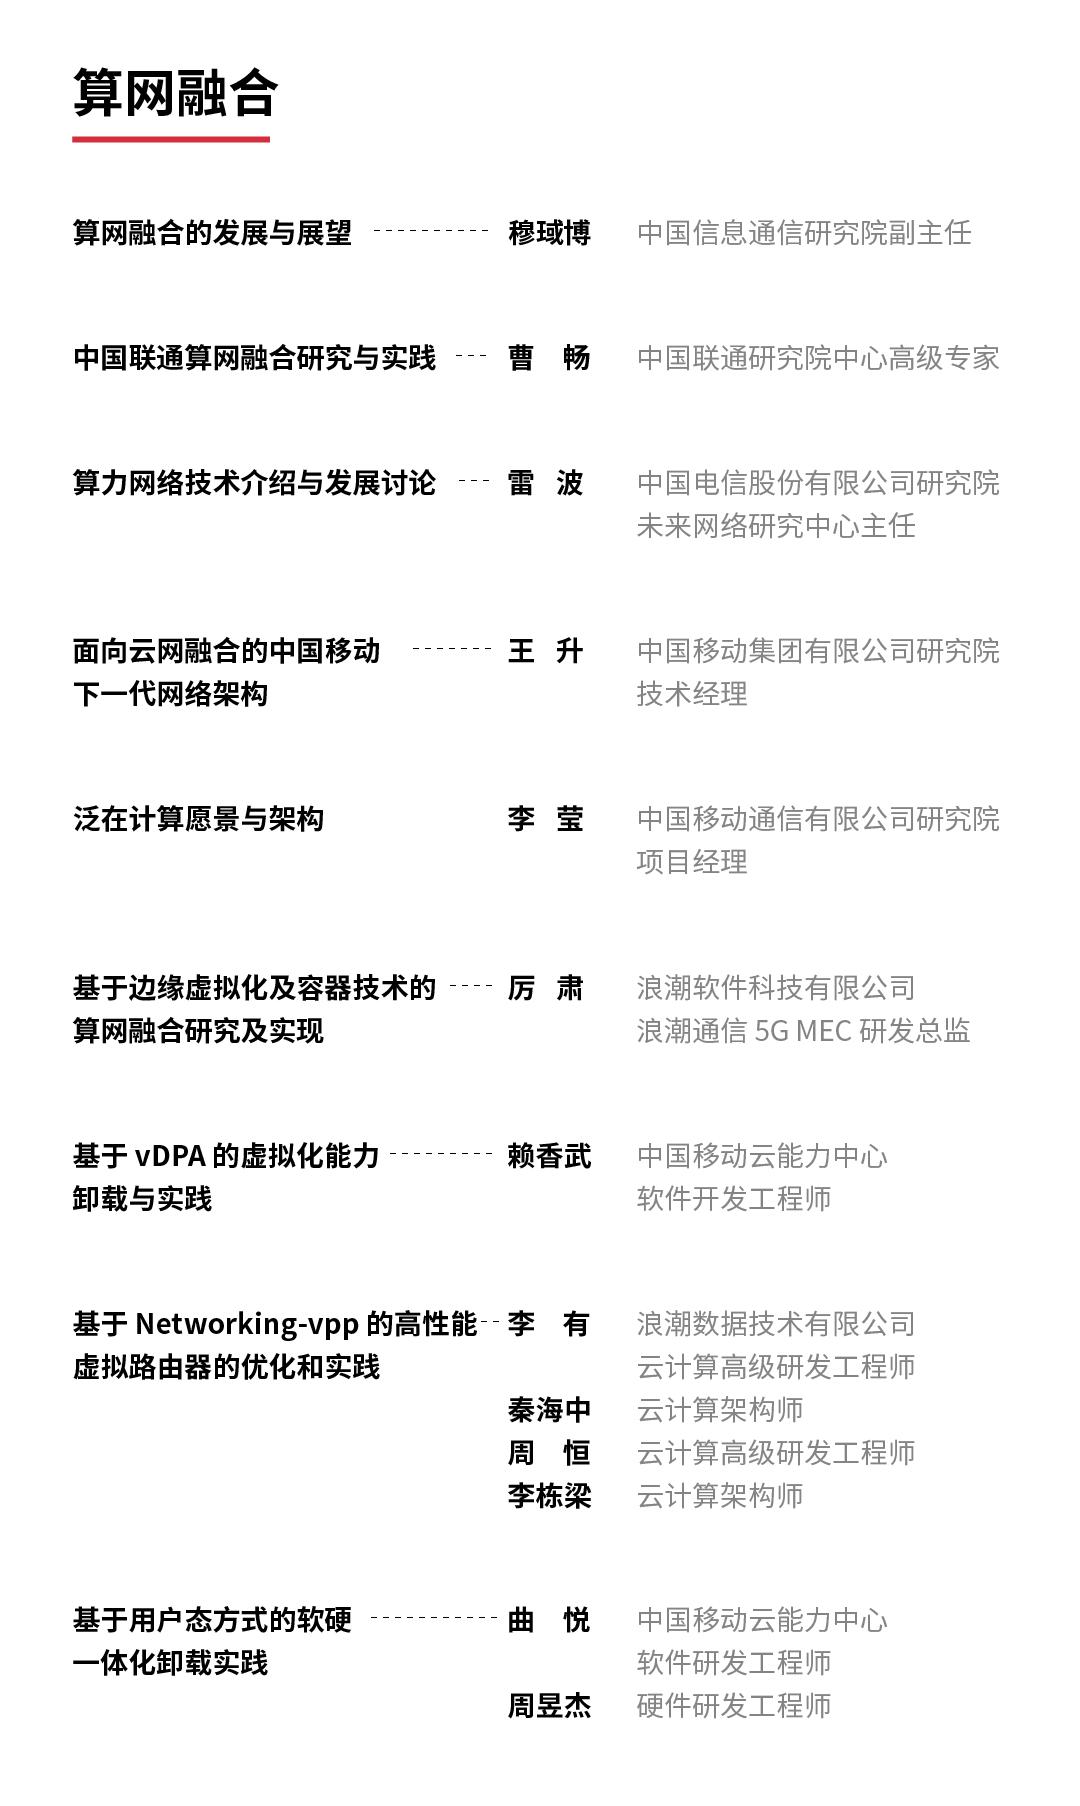 议程-算网融合-01.png